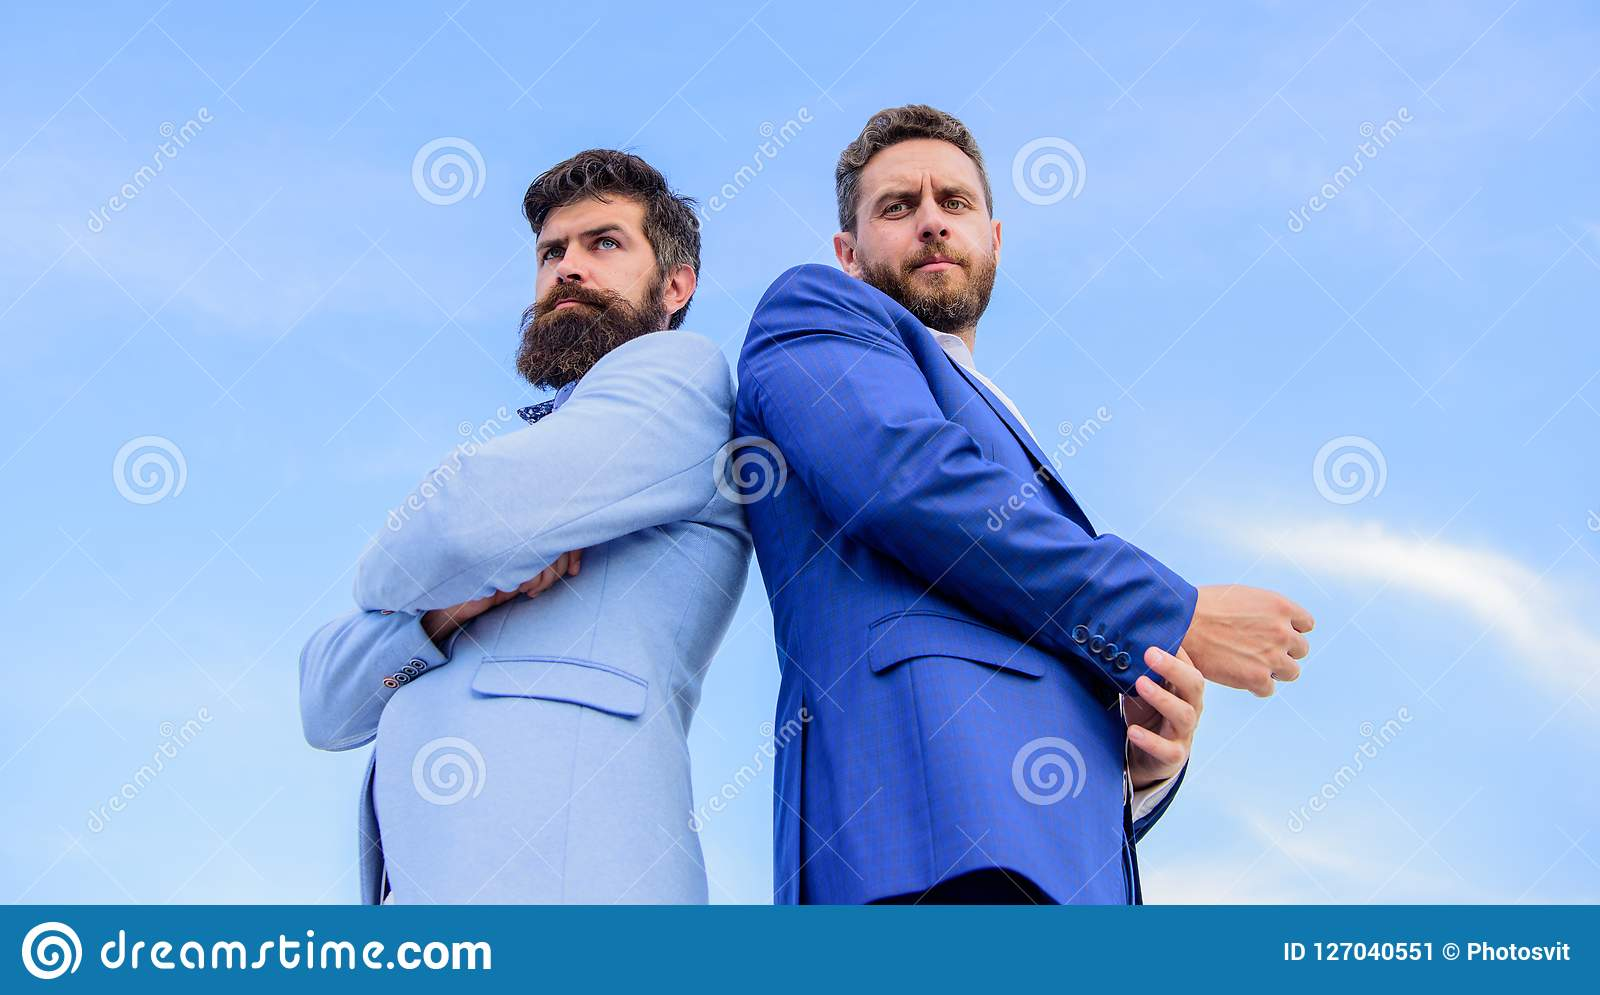 Les hommes d affaires reculent pour soutenir le fond de ciel bleu L aspect impeccable améliore l entrepreneur de professionnel de